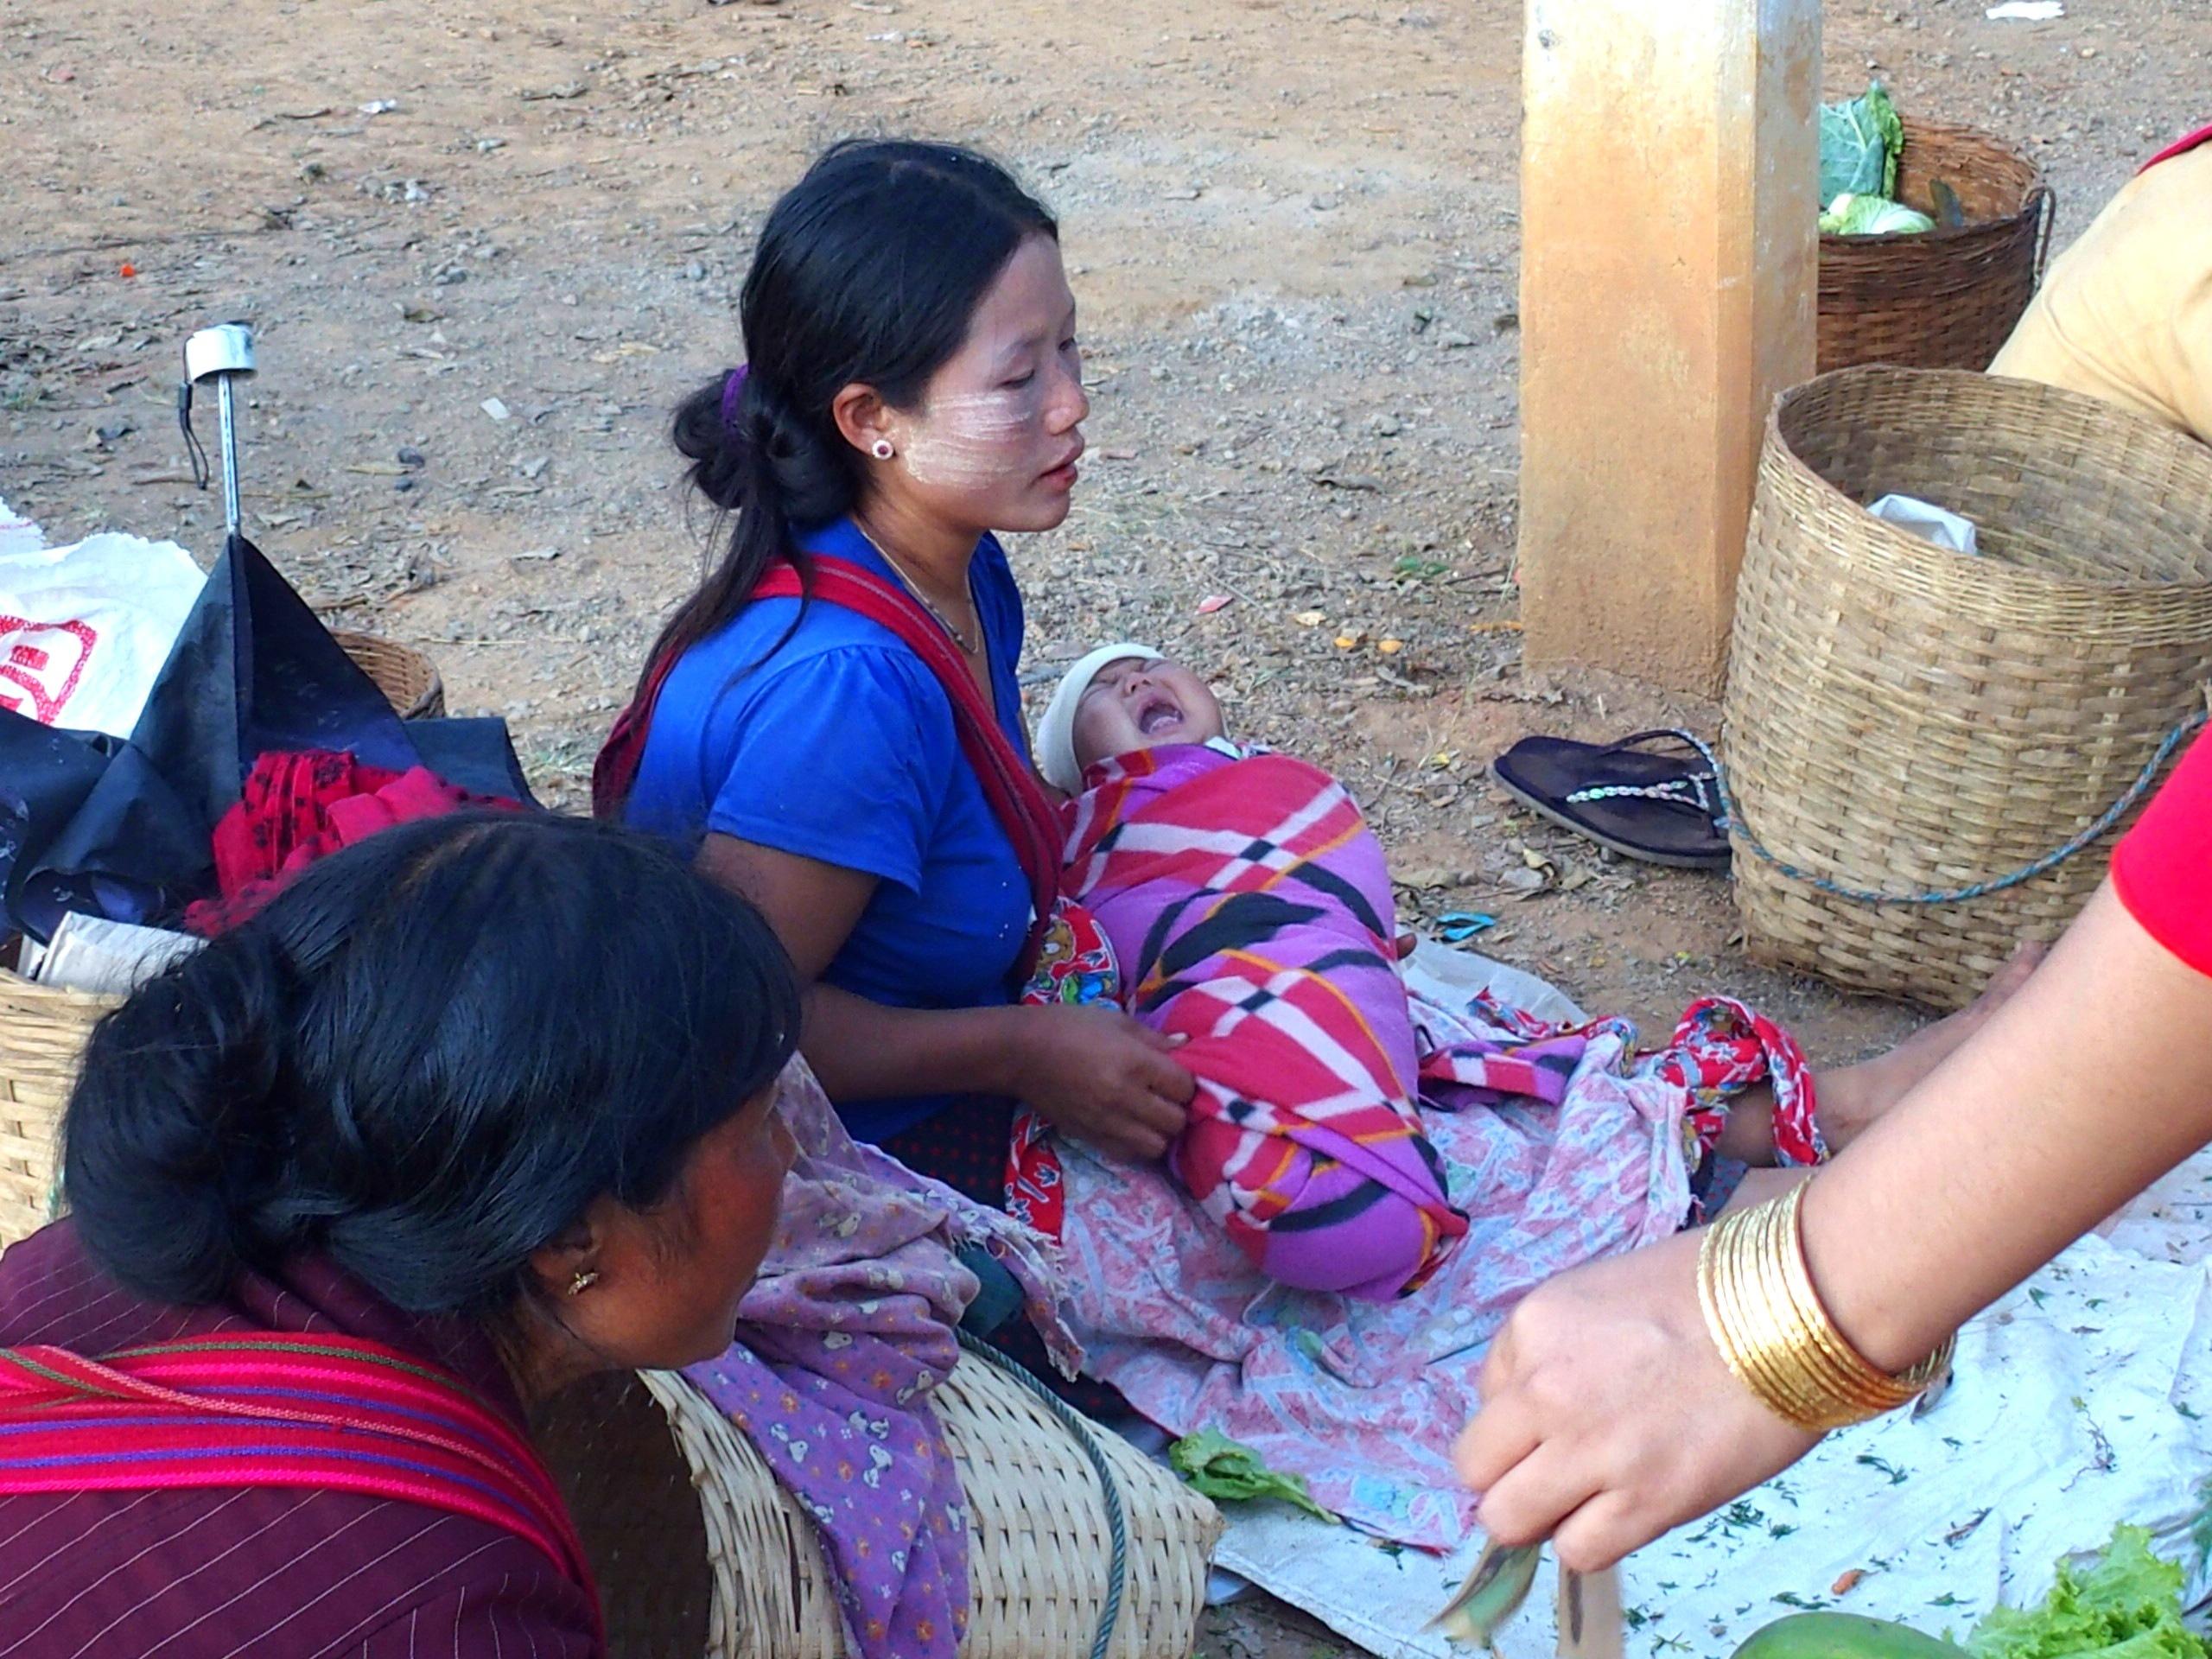 Maman-et-bébé-au-marché-Bago-Myanmar.